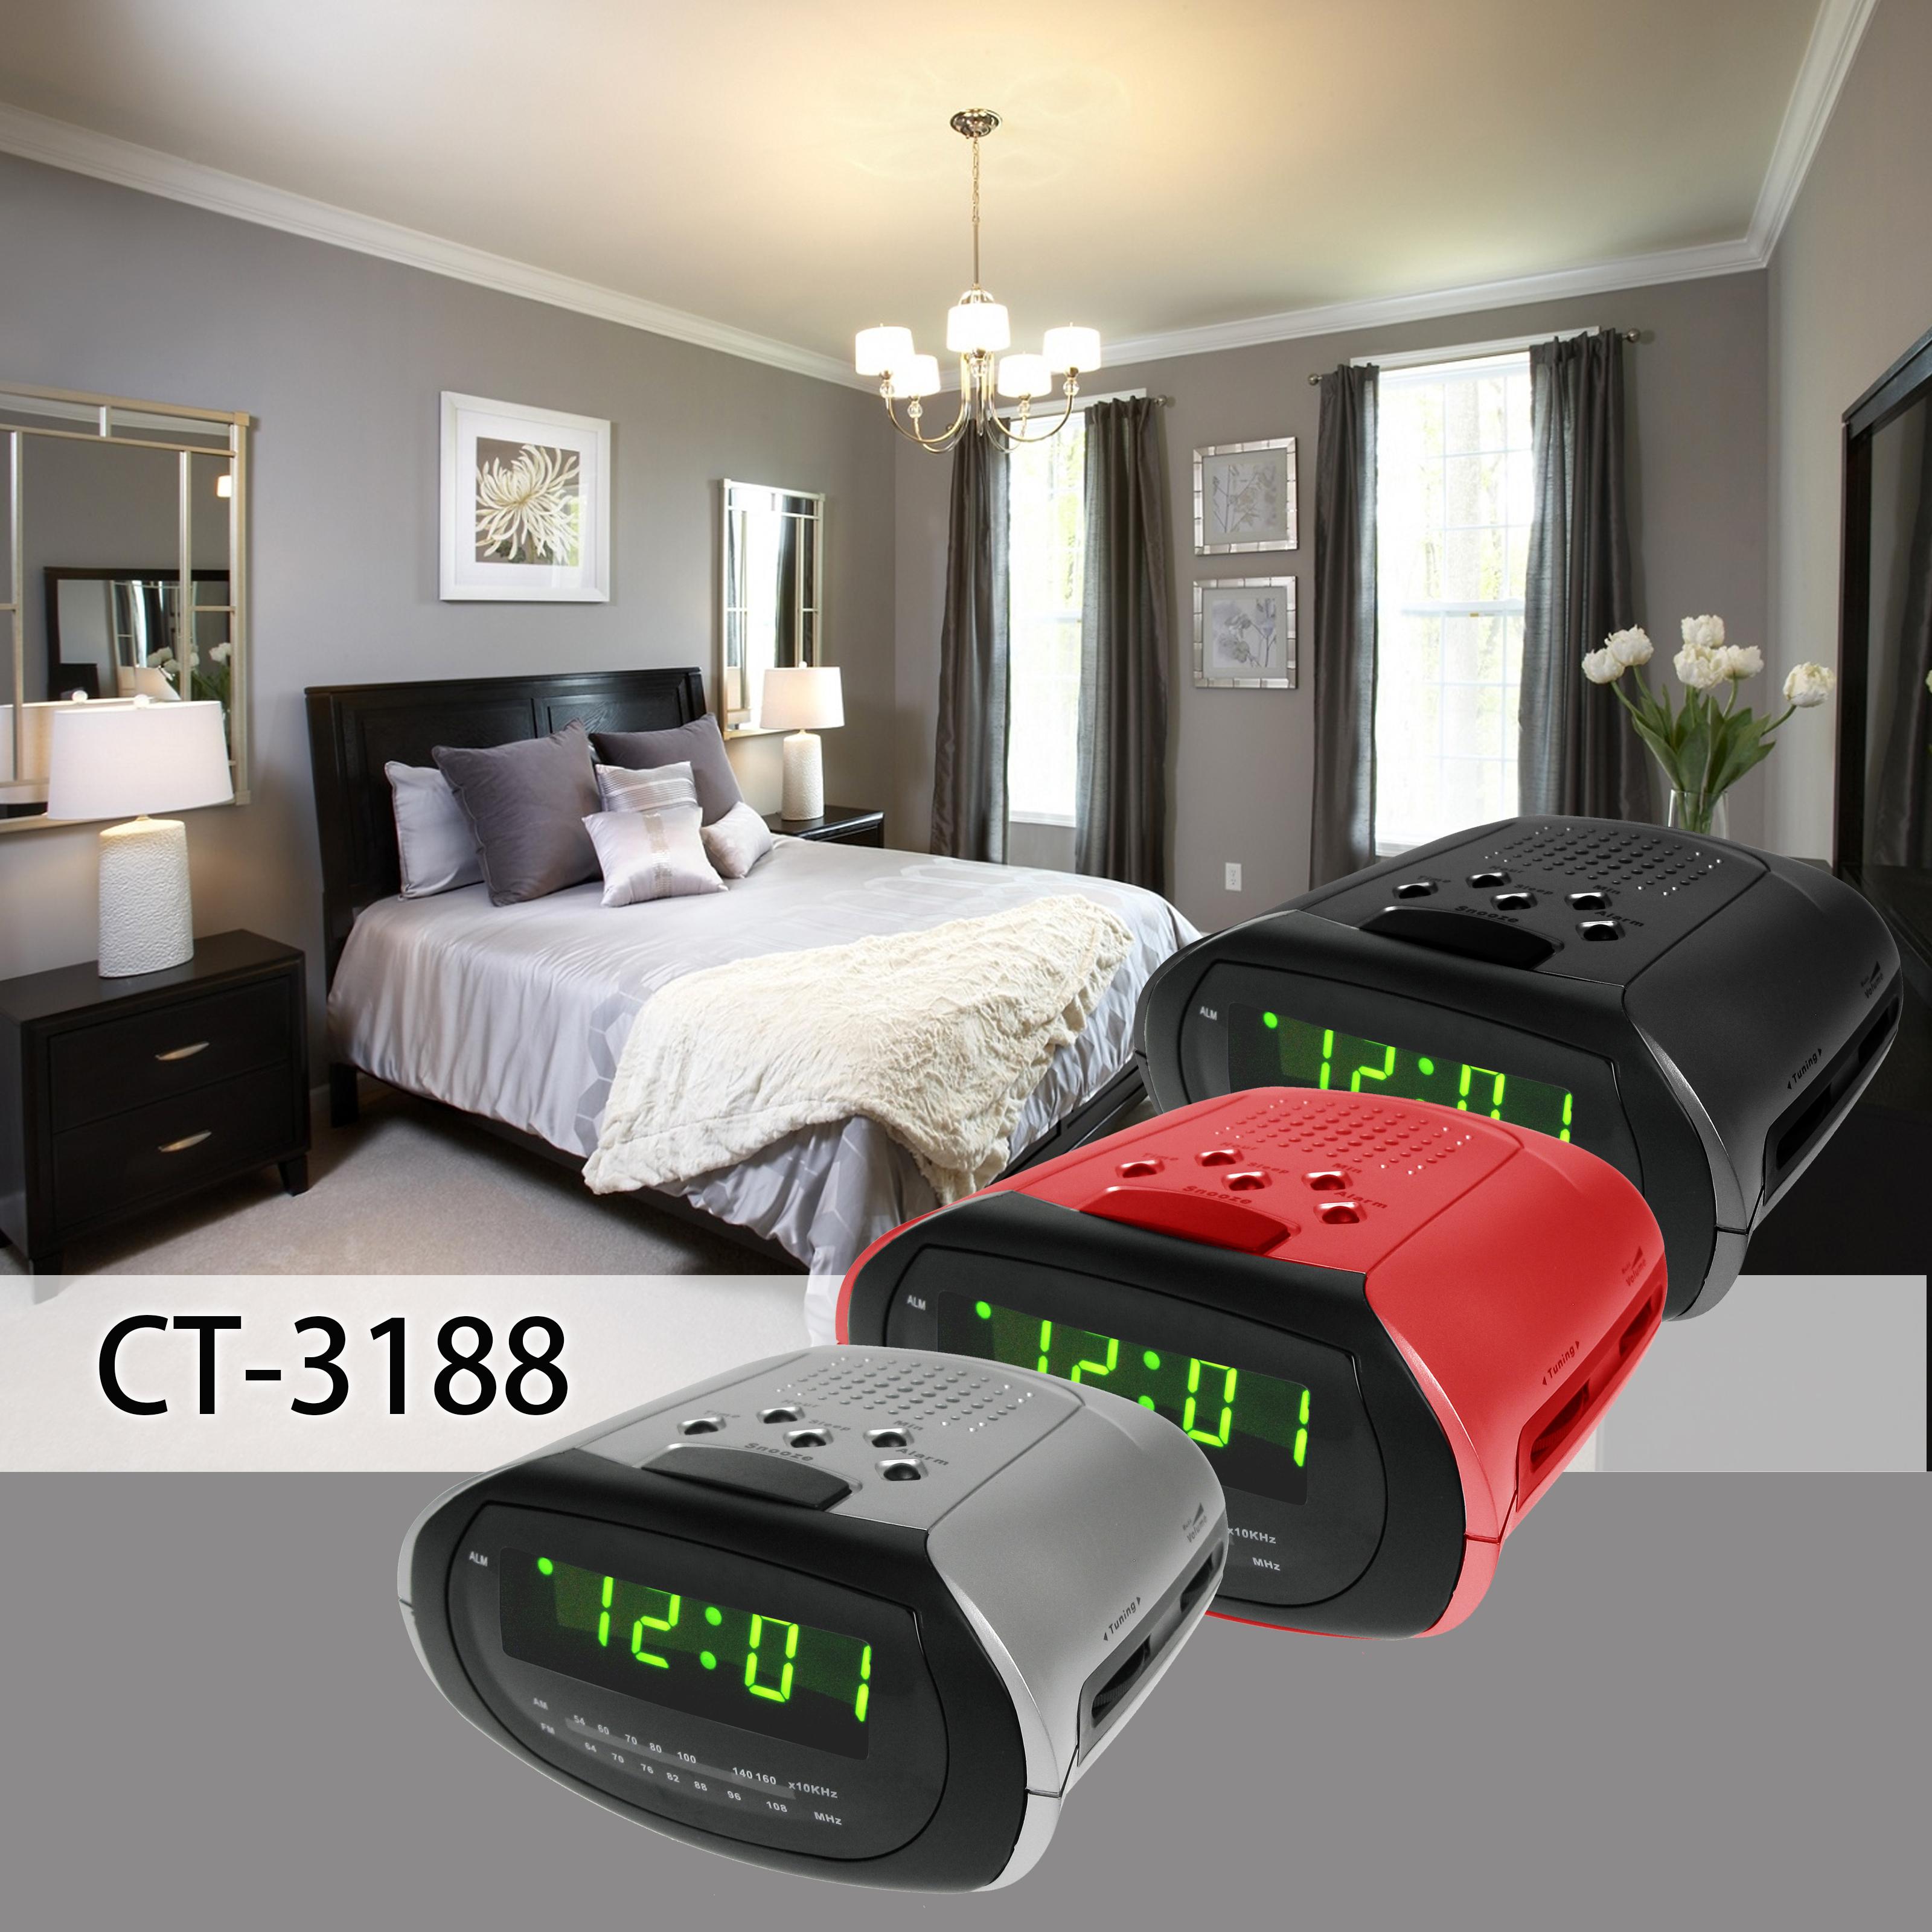 CT-3188 bedroom.jpg